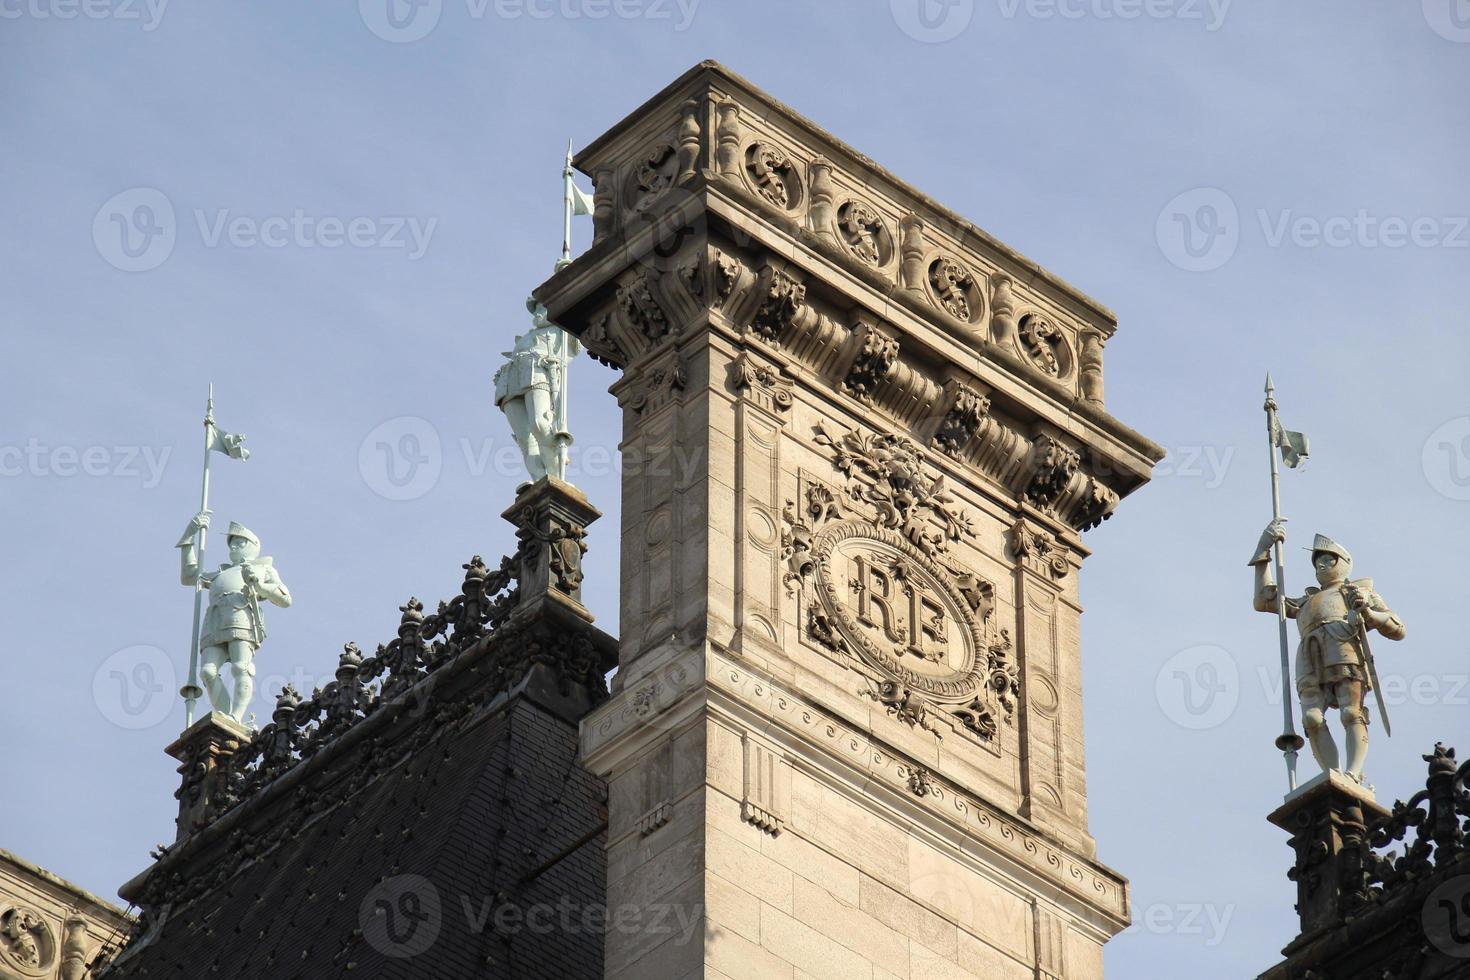 toit de la mairie de paris, france. photo